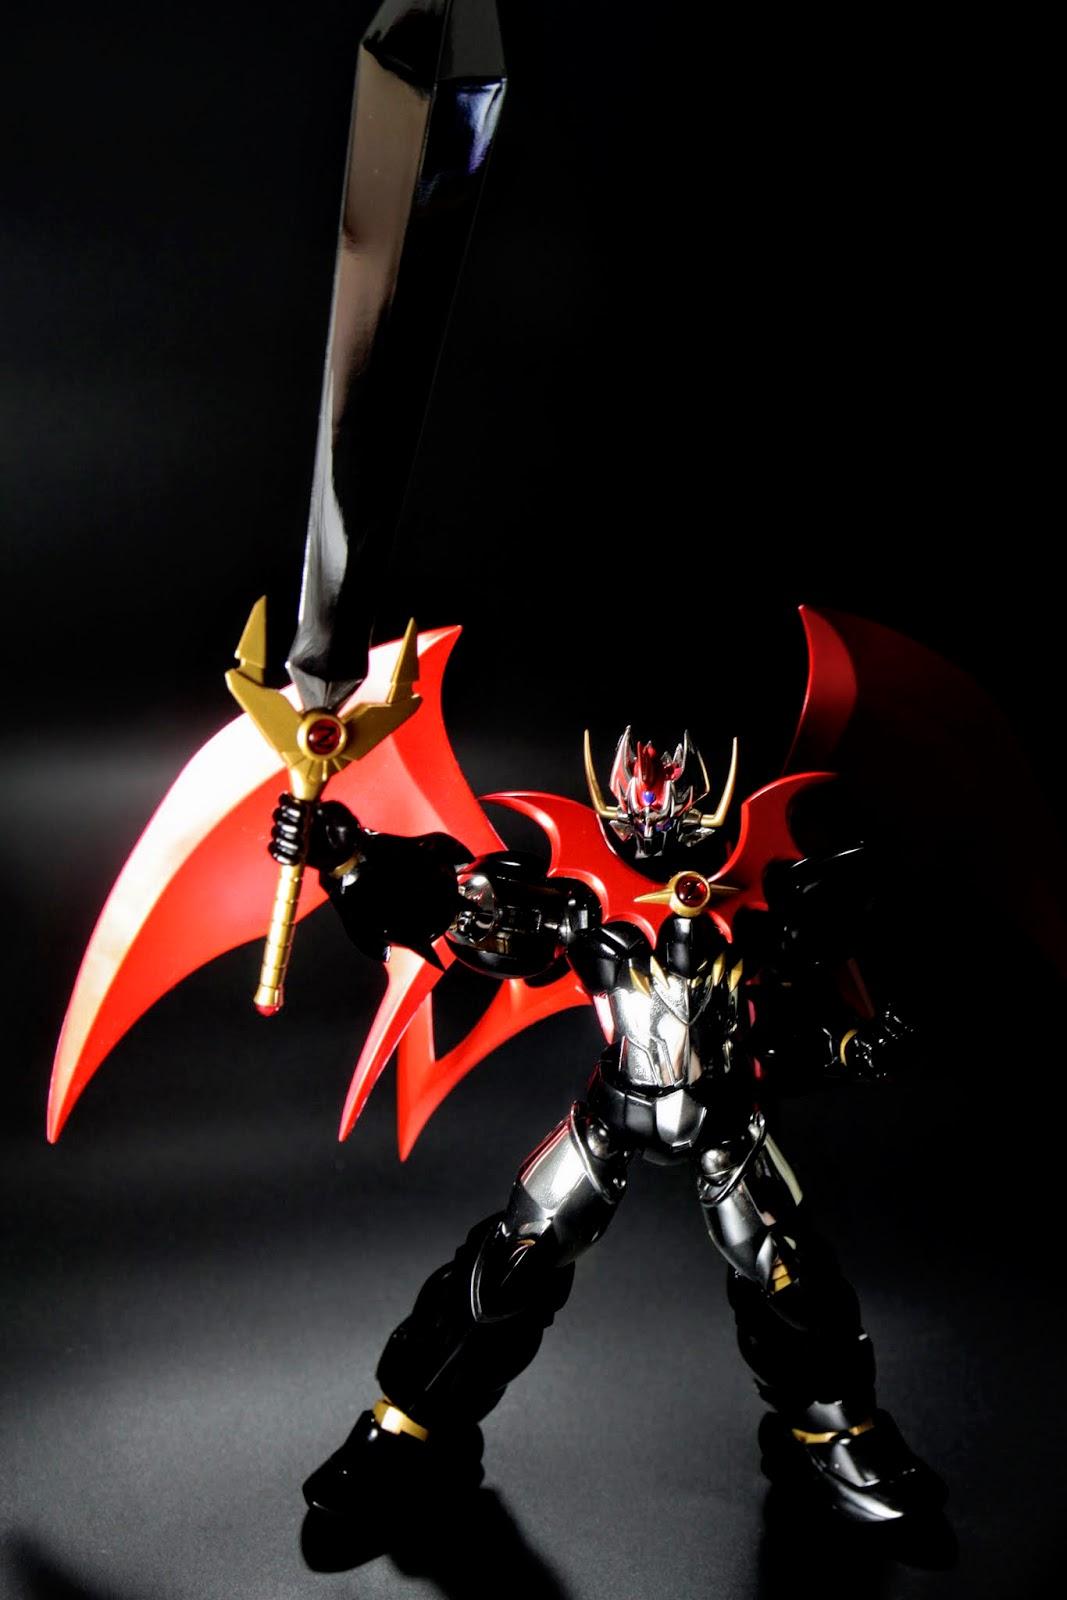 カイザーブレード(胸) 設定上是比肩膀的劍更強大的劍